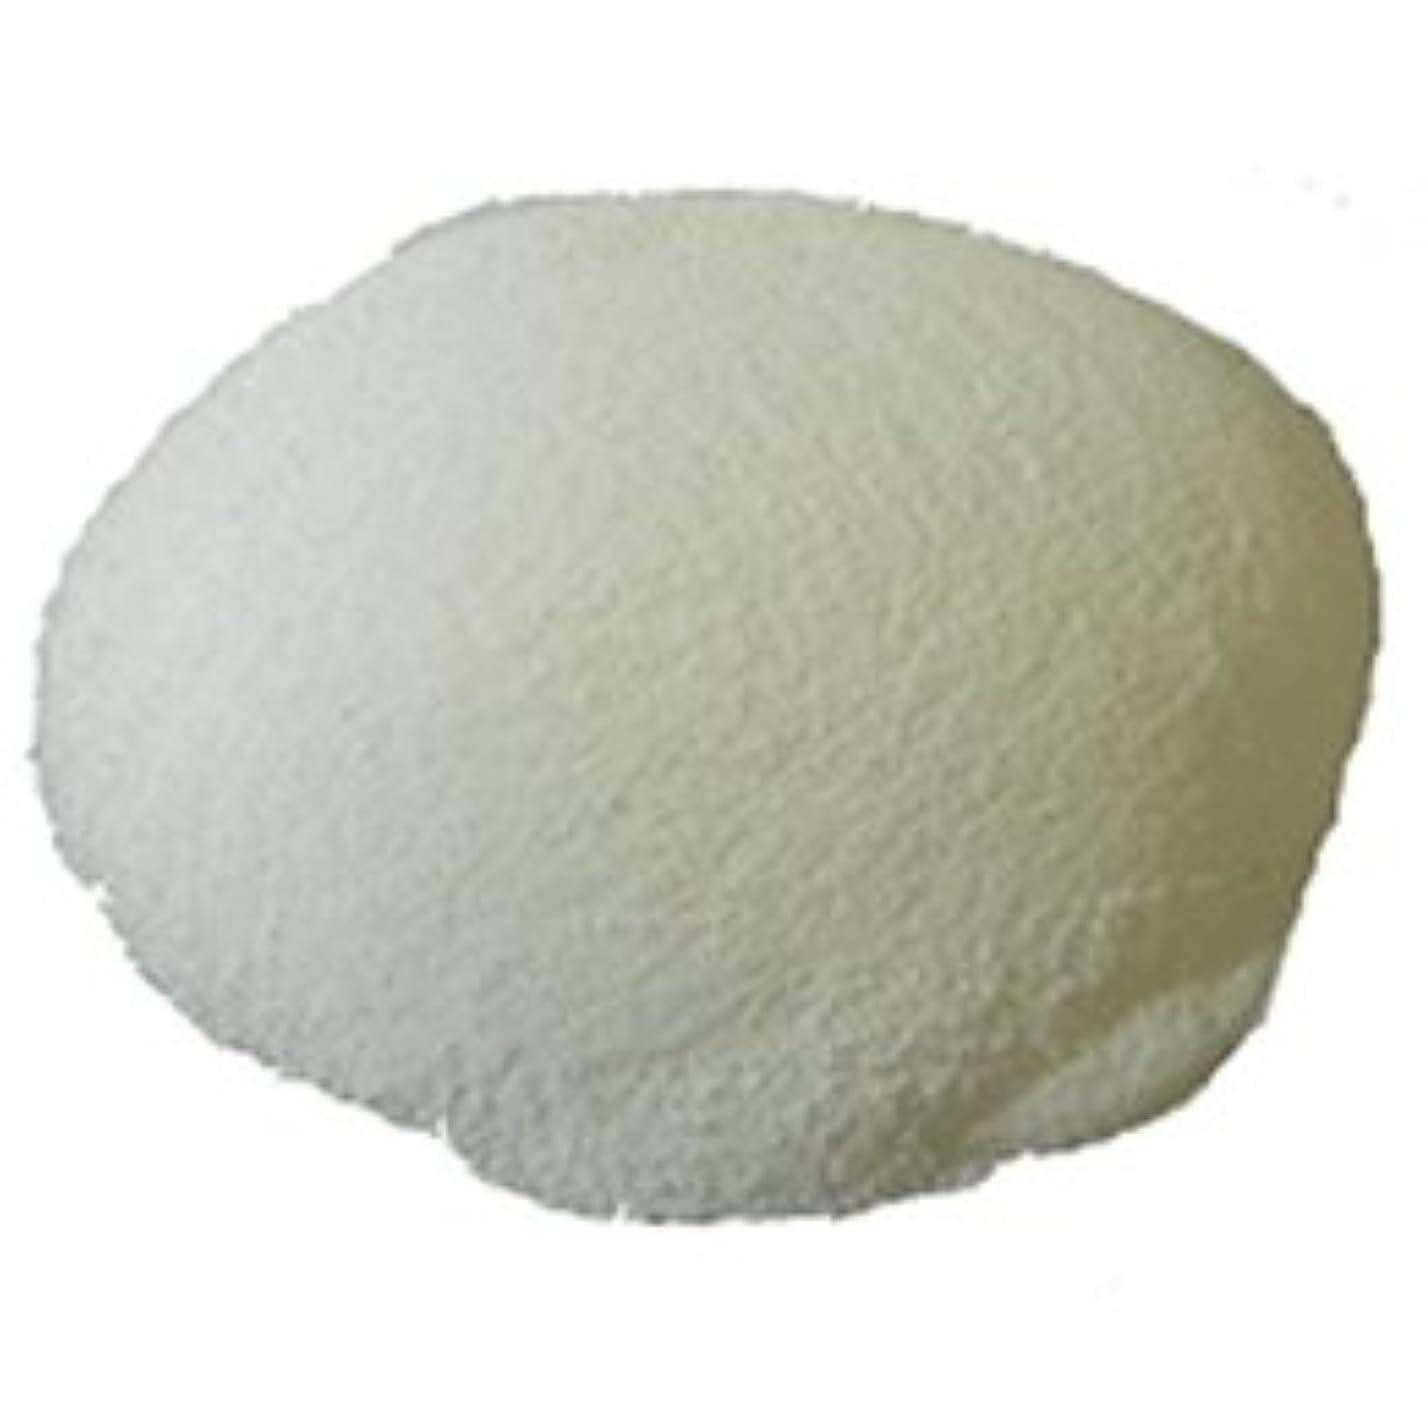 ムス夢増加するカリス成城 ソープの素 パウダータイプ 1kg